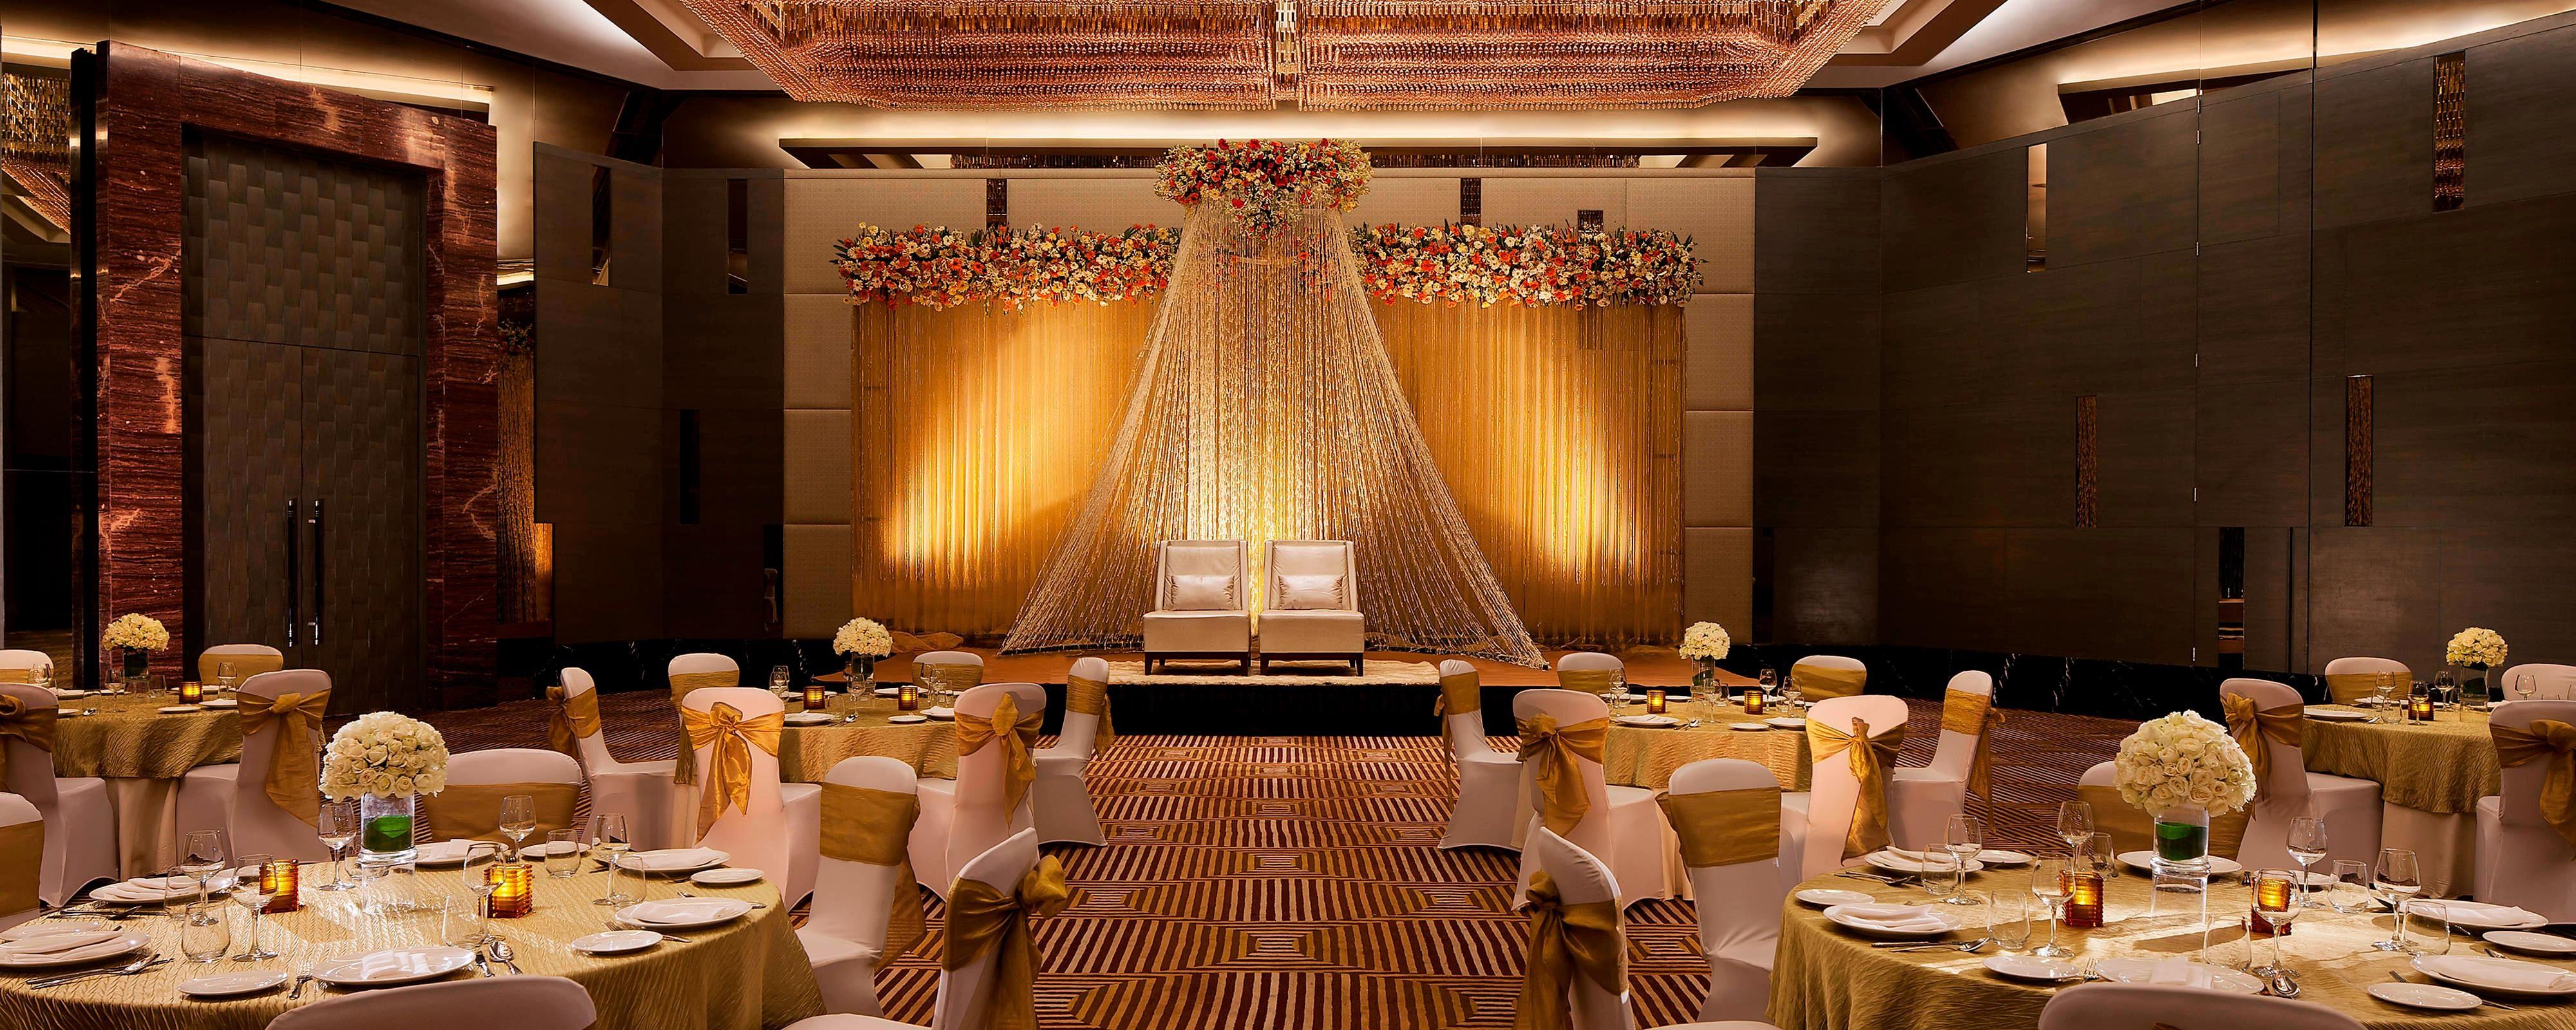 Banquet Halls In Chandigarh - Wedding Venues